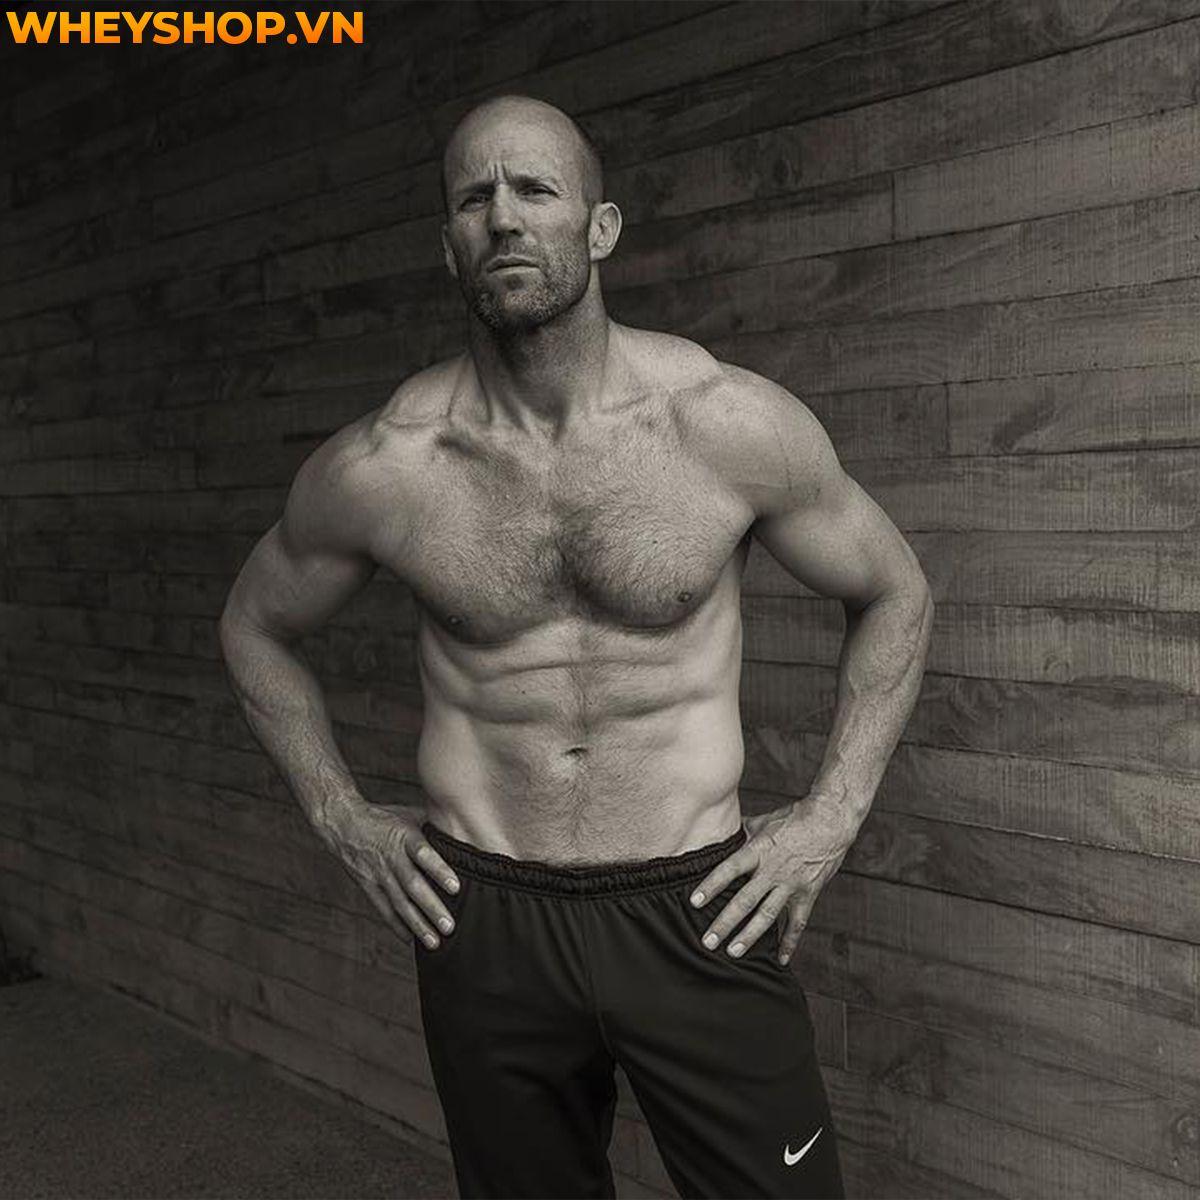 Jason Statham được biết đến là một diễn viên, nhà sản xuất phim và là một võ sĩ người Anh. Ngoài ra, anh còn là một thành viên trong đội lặn của quốc gia Anh...